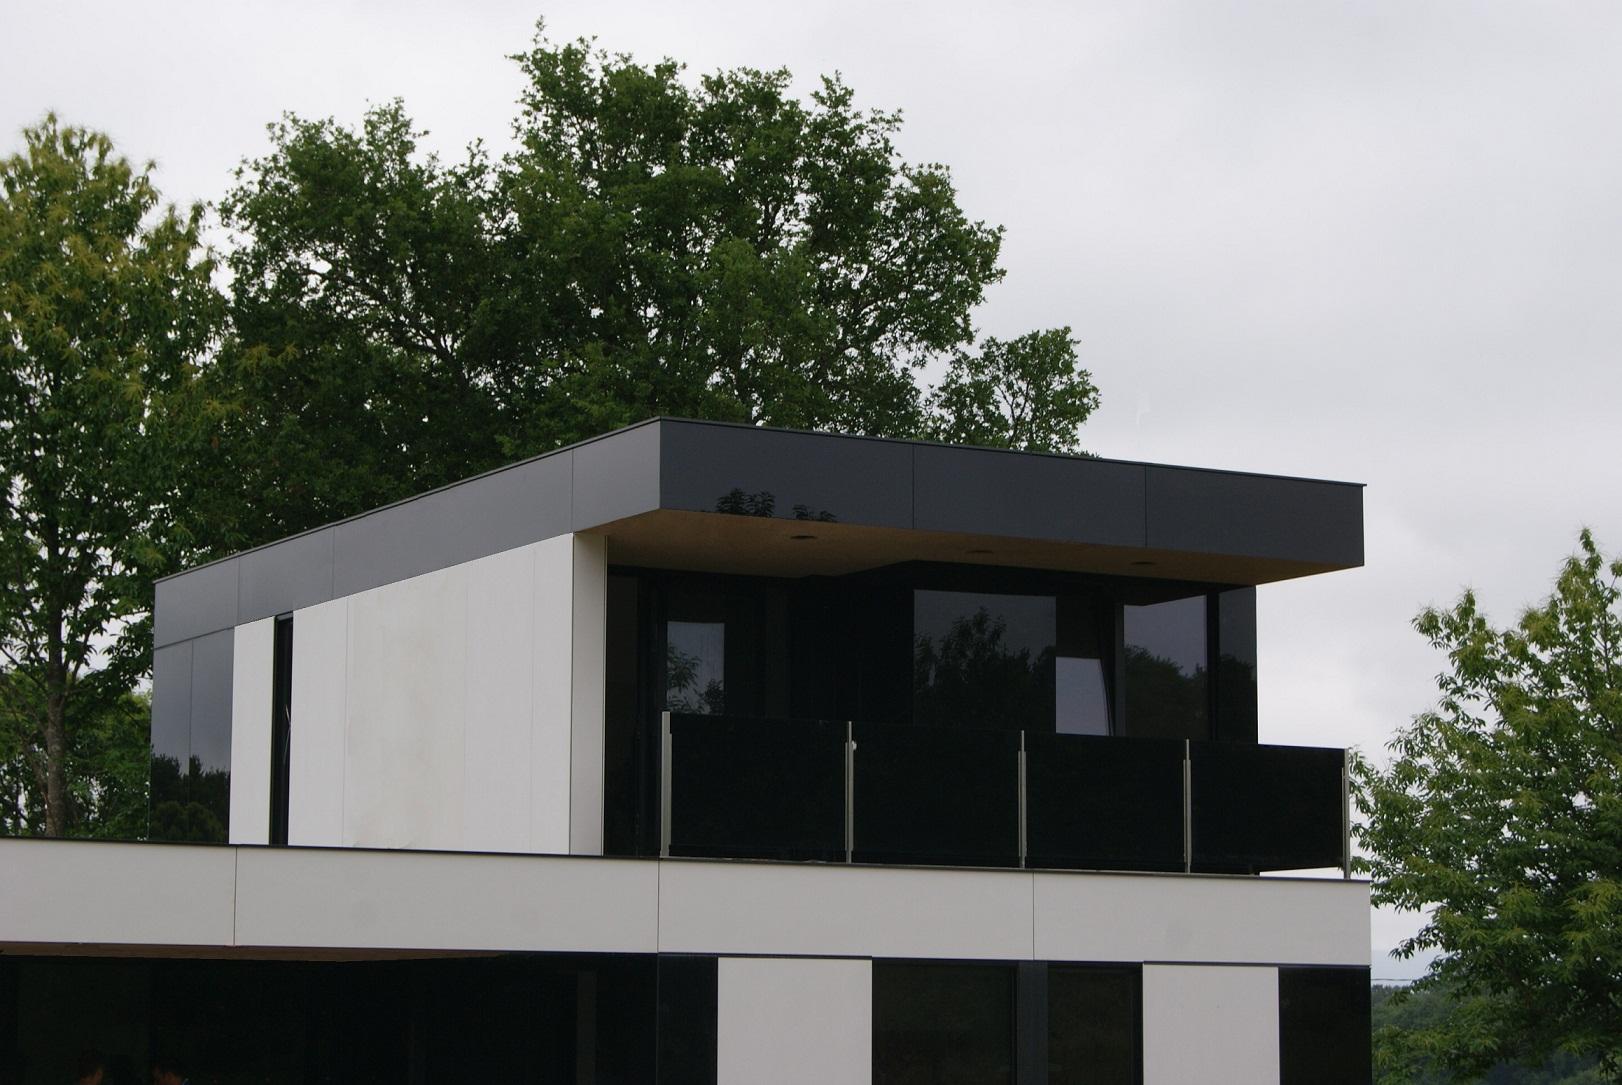 Dise o modular casas modulares de dise o - Casas de diseno ...